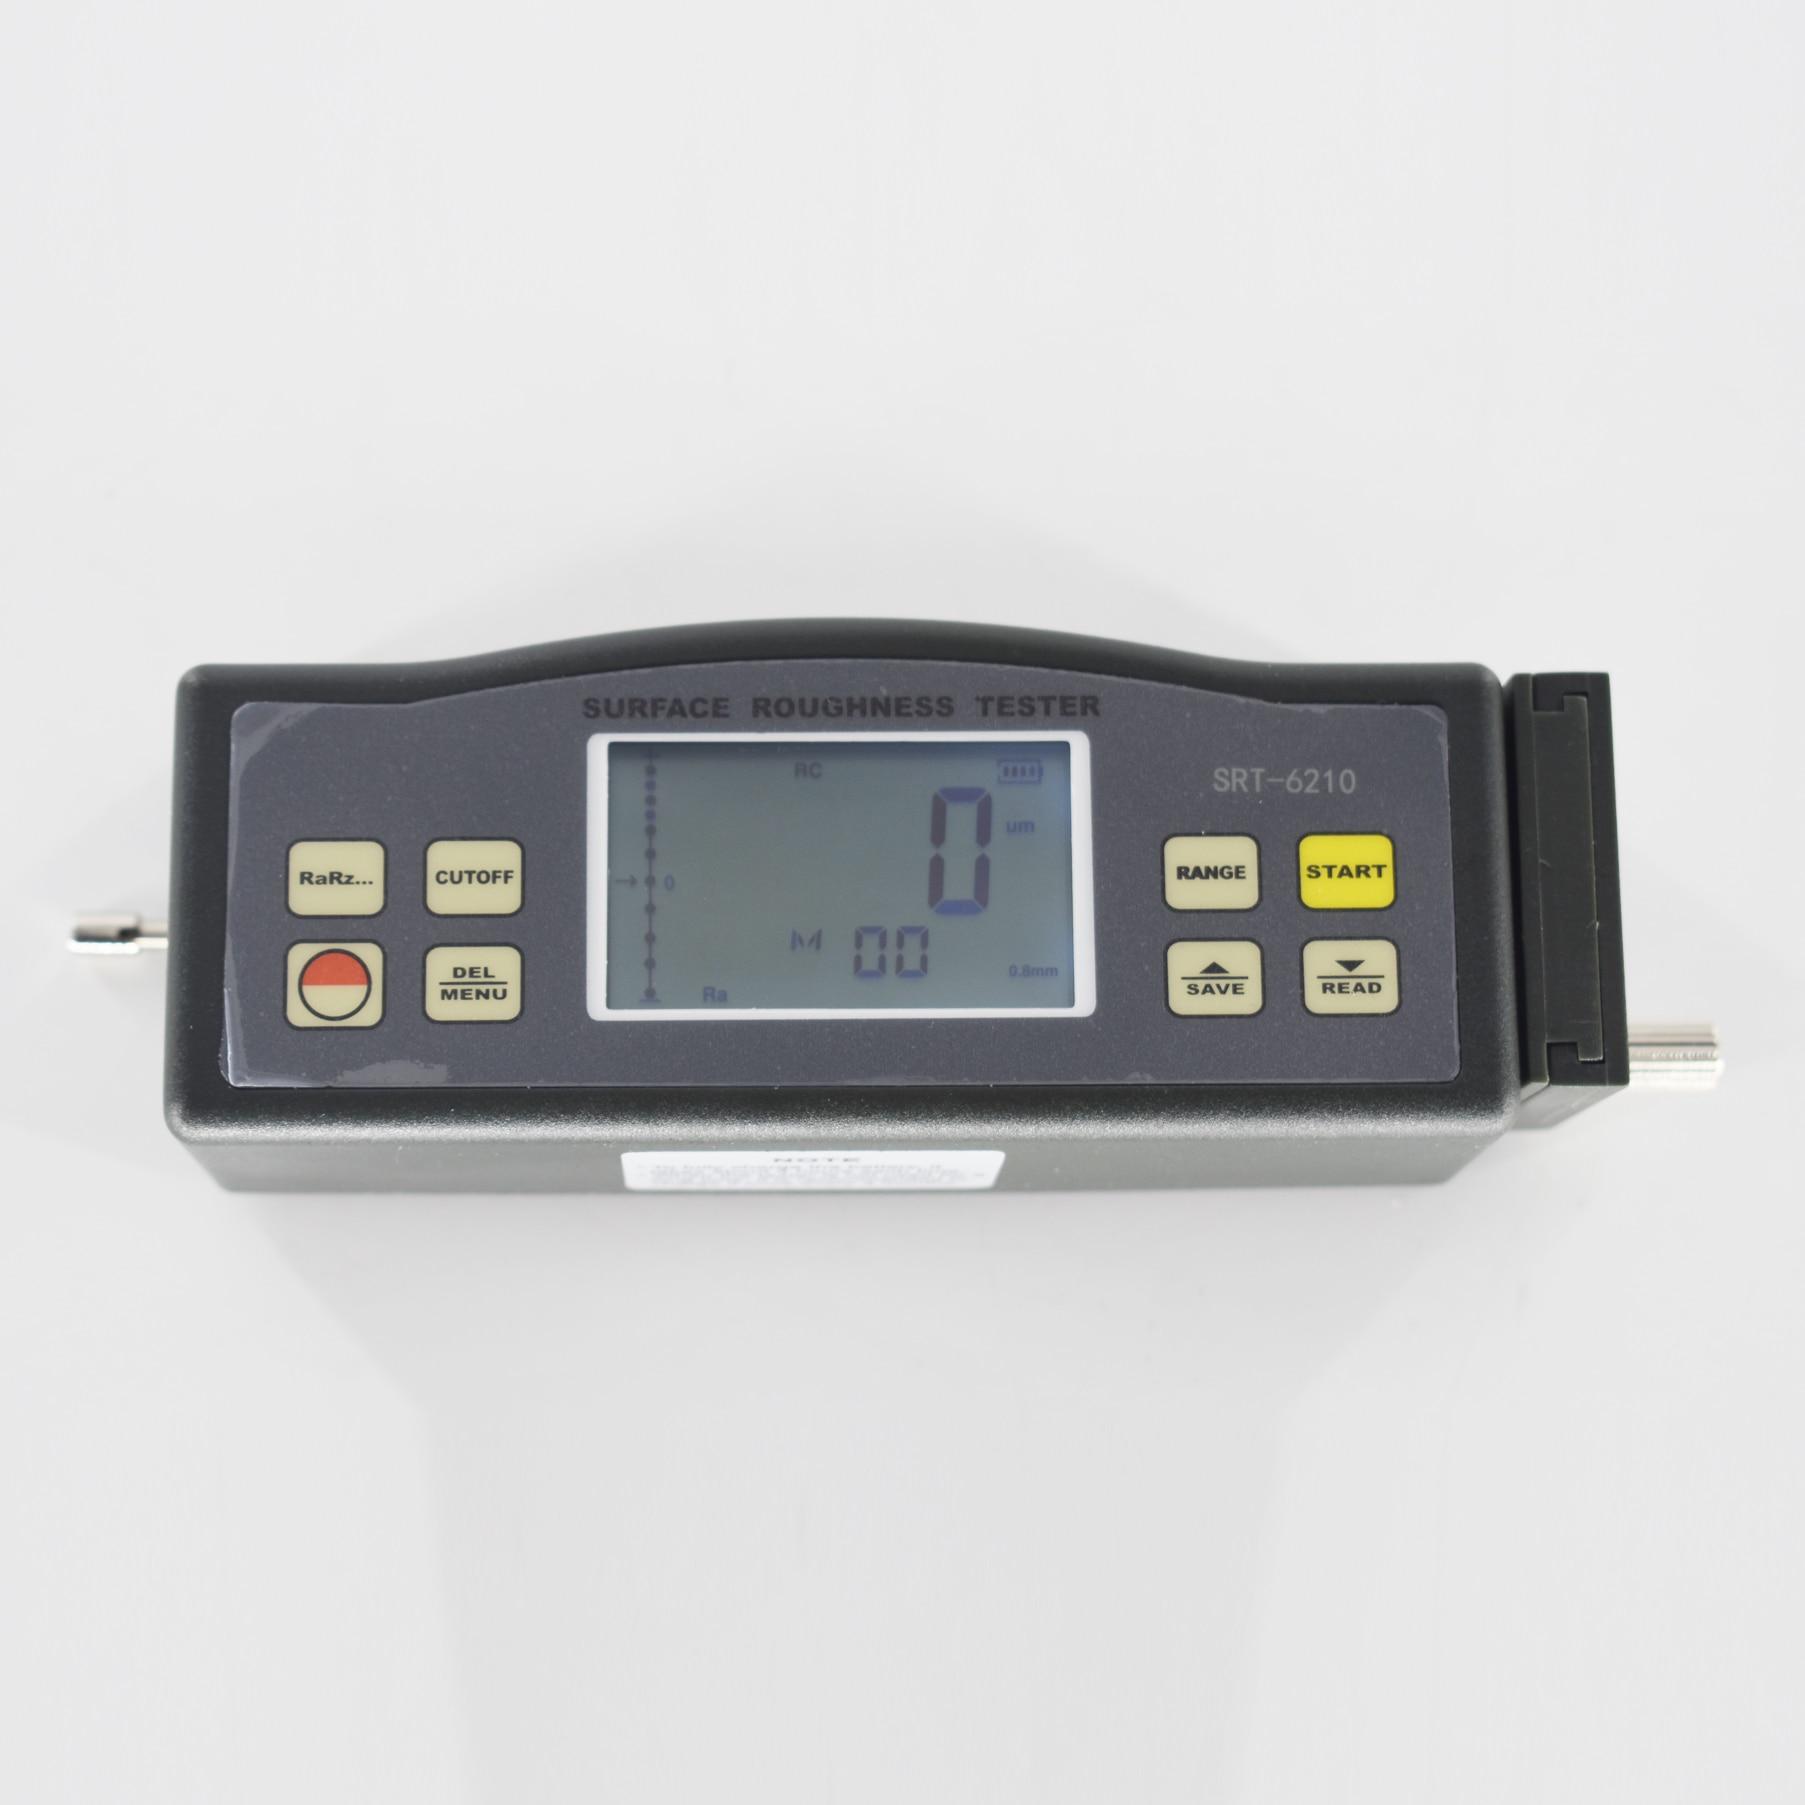 أداة قياس خشونة الأسطح SRT-6210 Ra Rq (0.005 ~ 16.00 um) Rz Rt (0.020 ~ 160.0 um) مقياس خشونة المحمولة